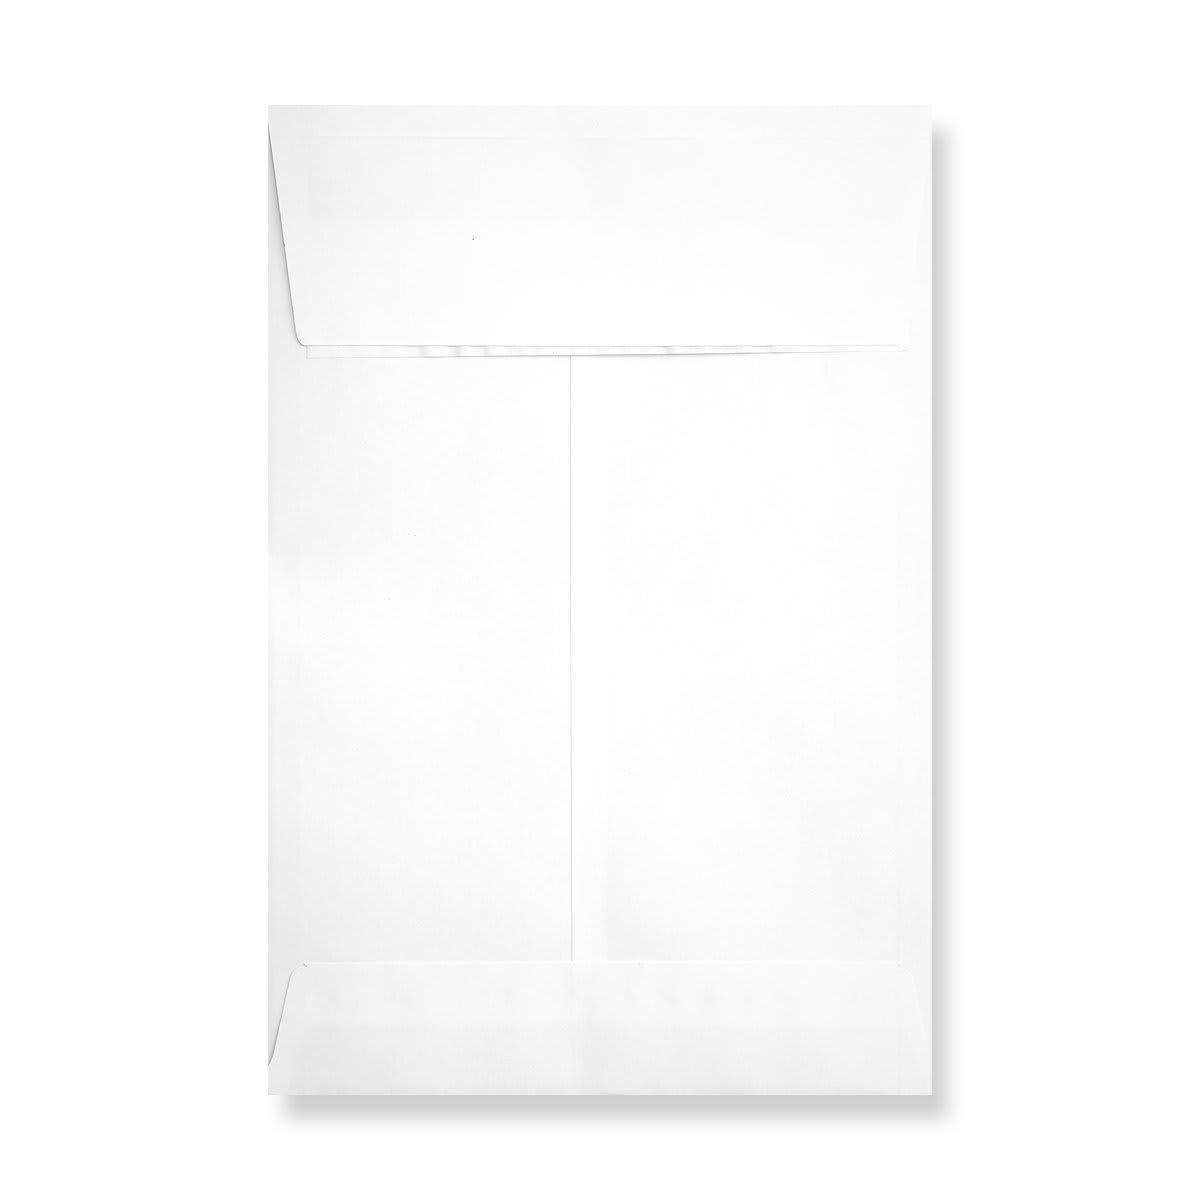 C4 WHITE GUSSET ENVELOPES